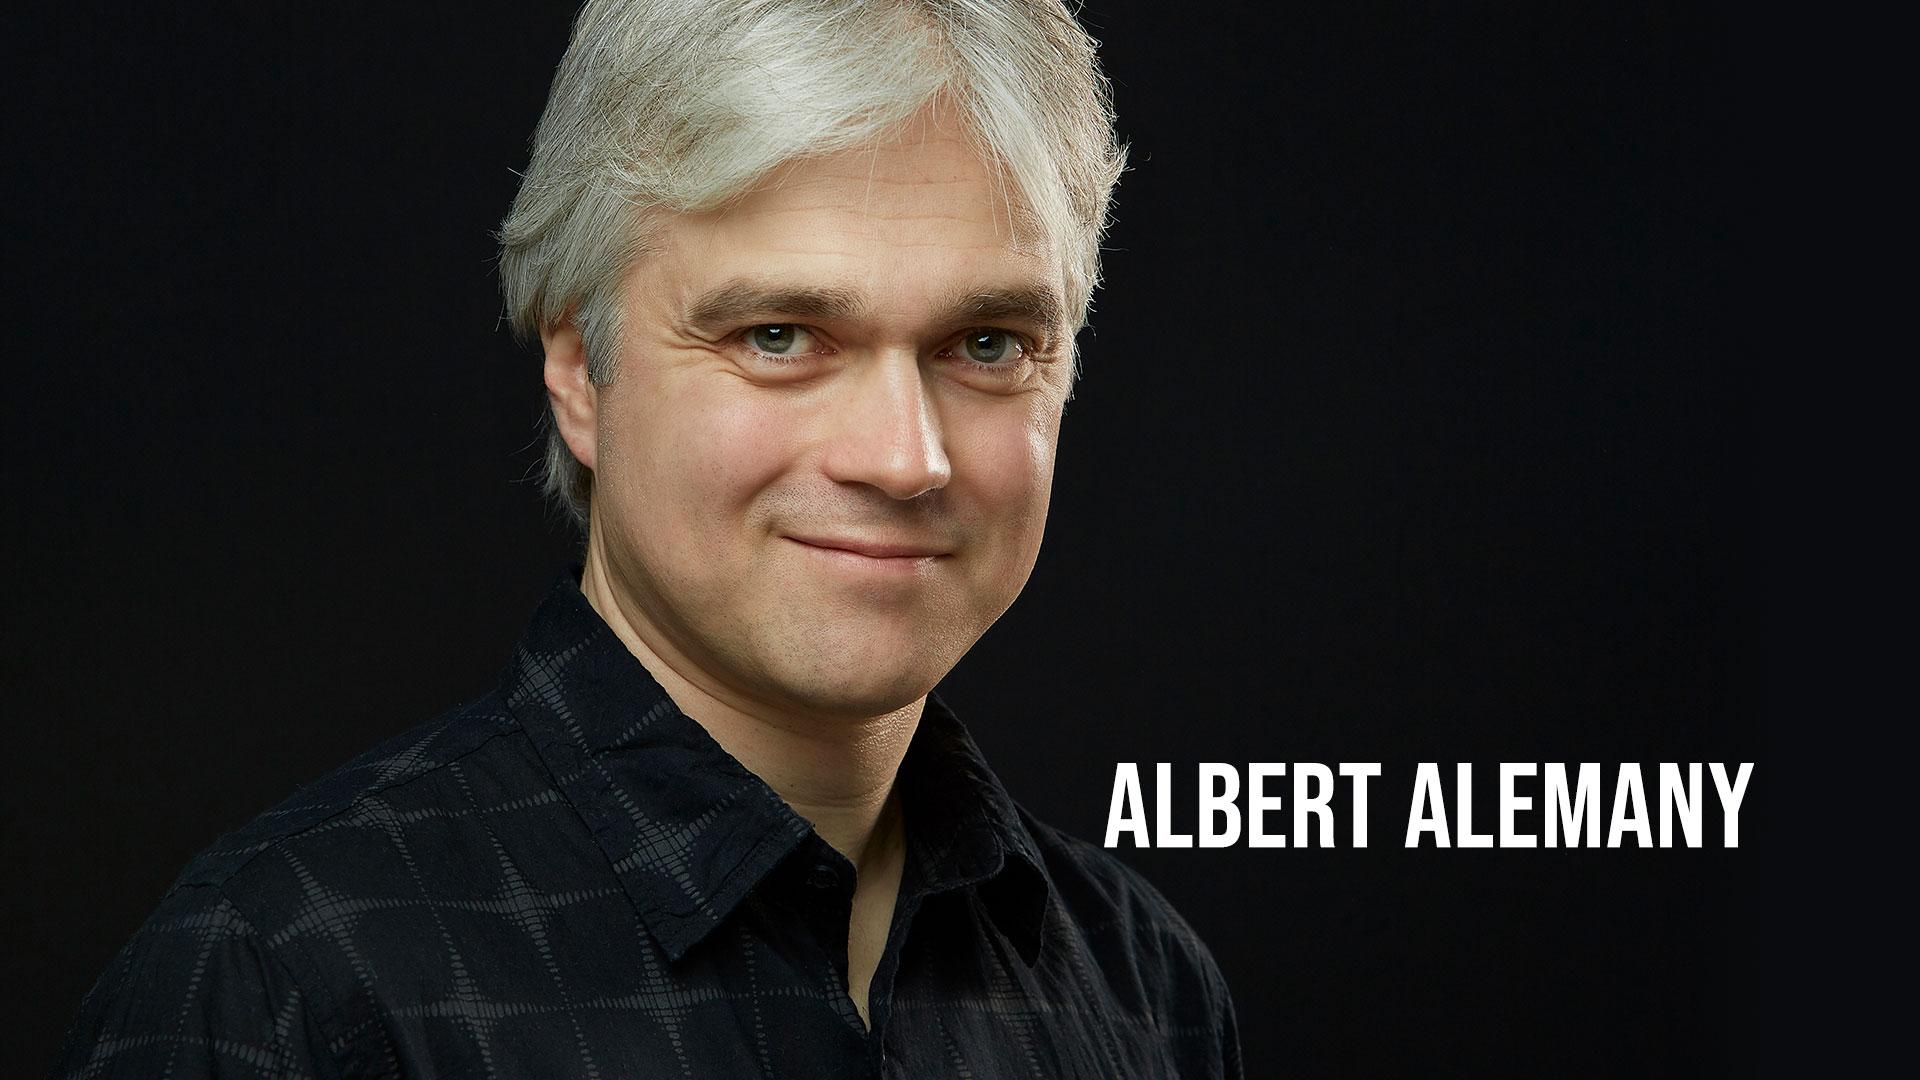 Albert Alemany - Actor